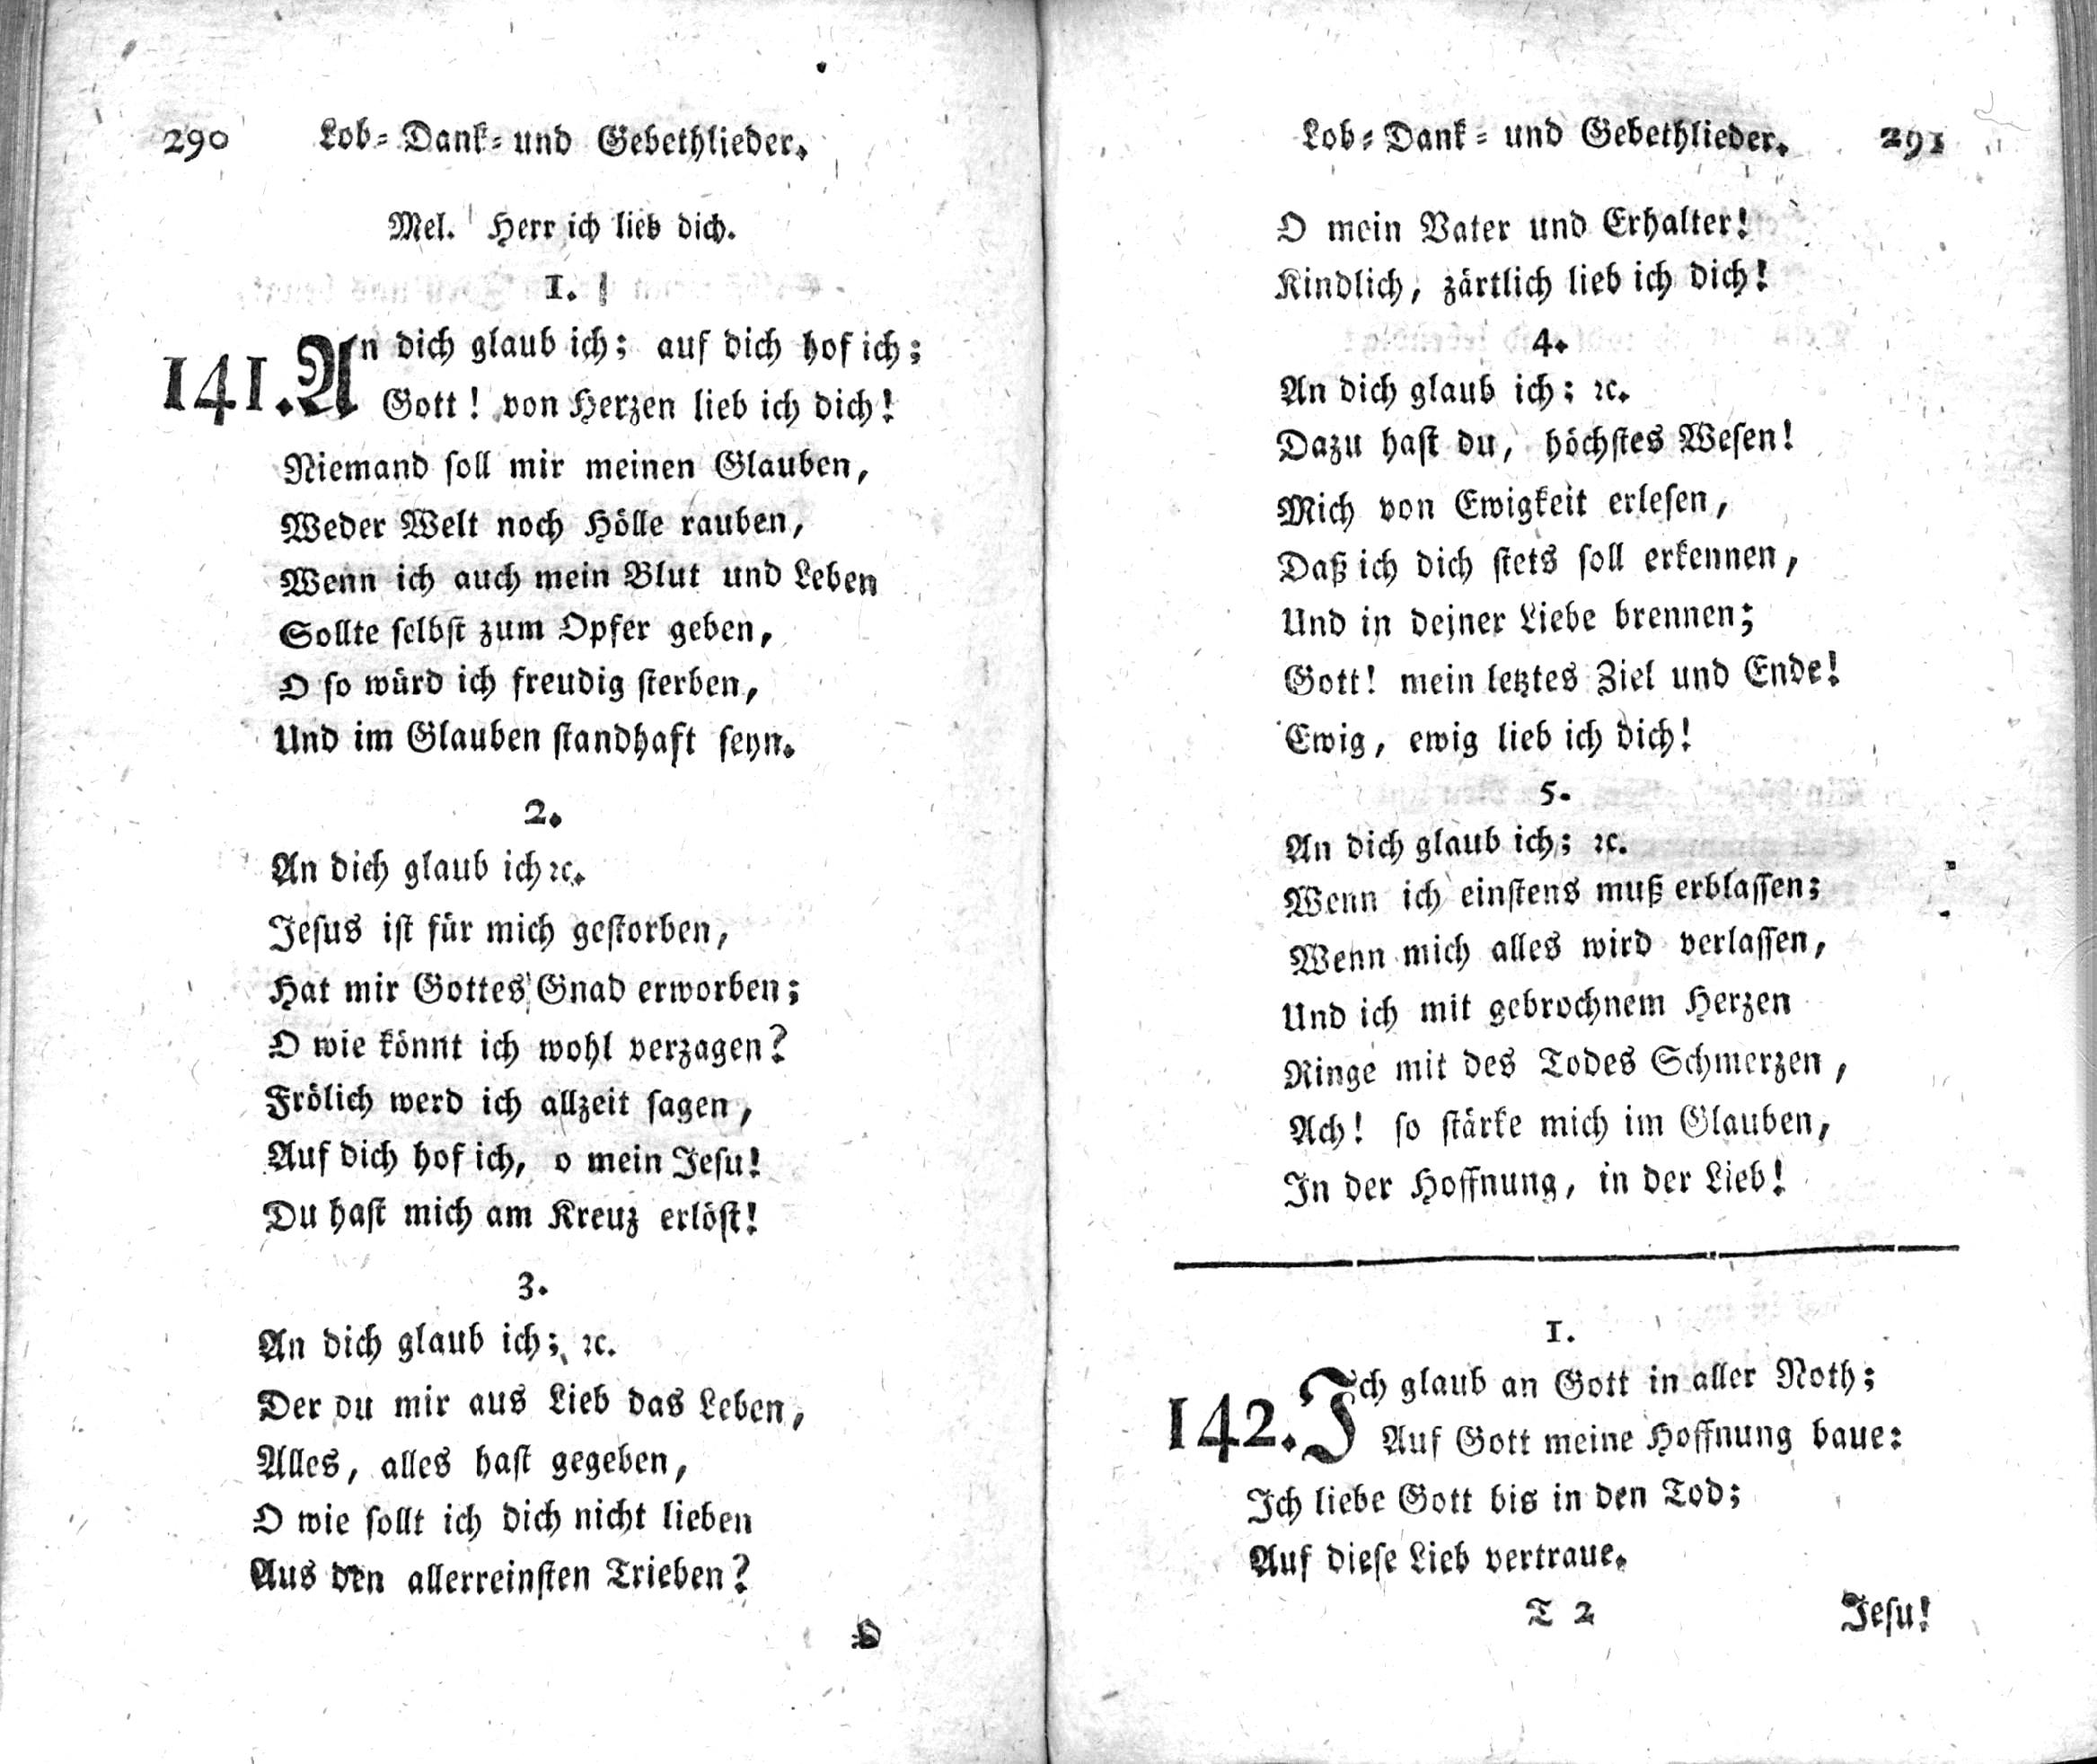 Pleasure christliche Lieder über Gott dienen would like someone open